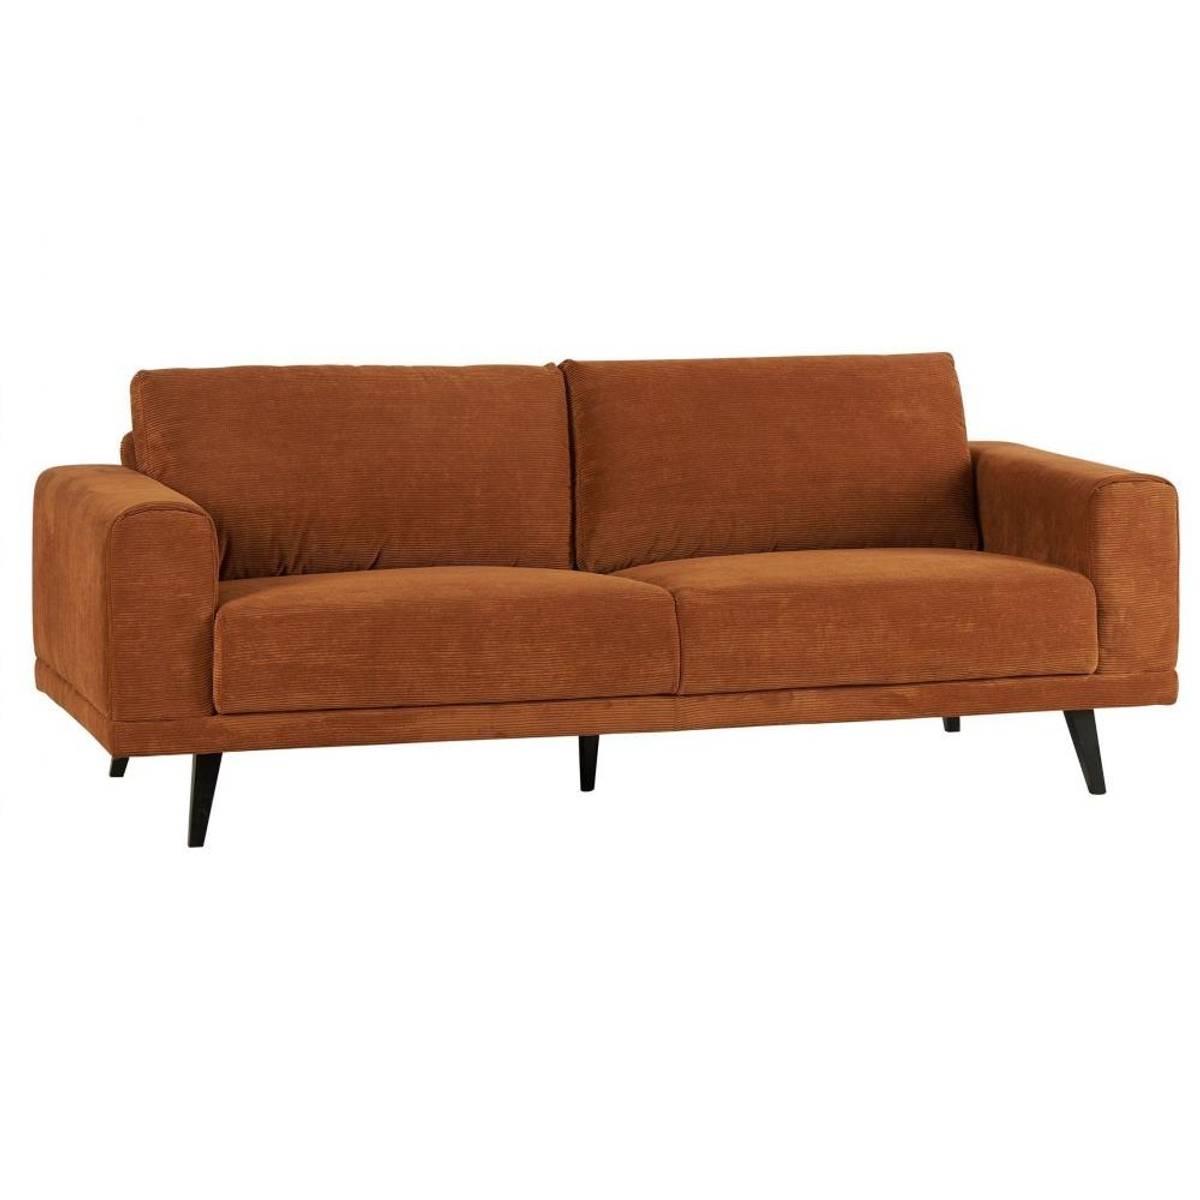 Ritalso 2-seter sofa